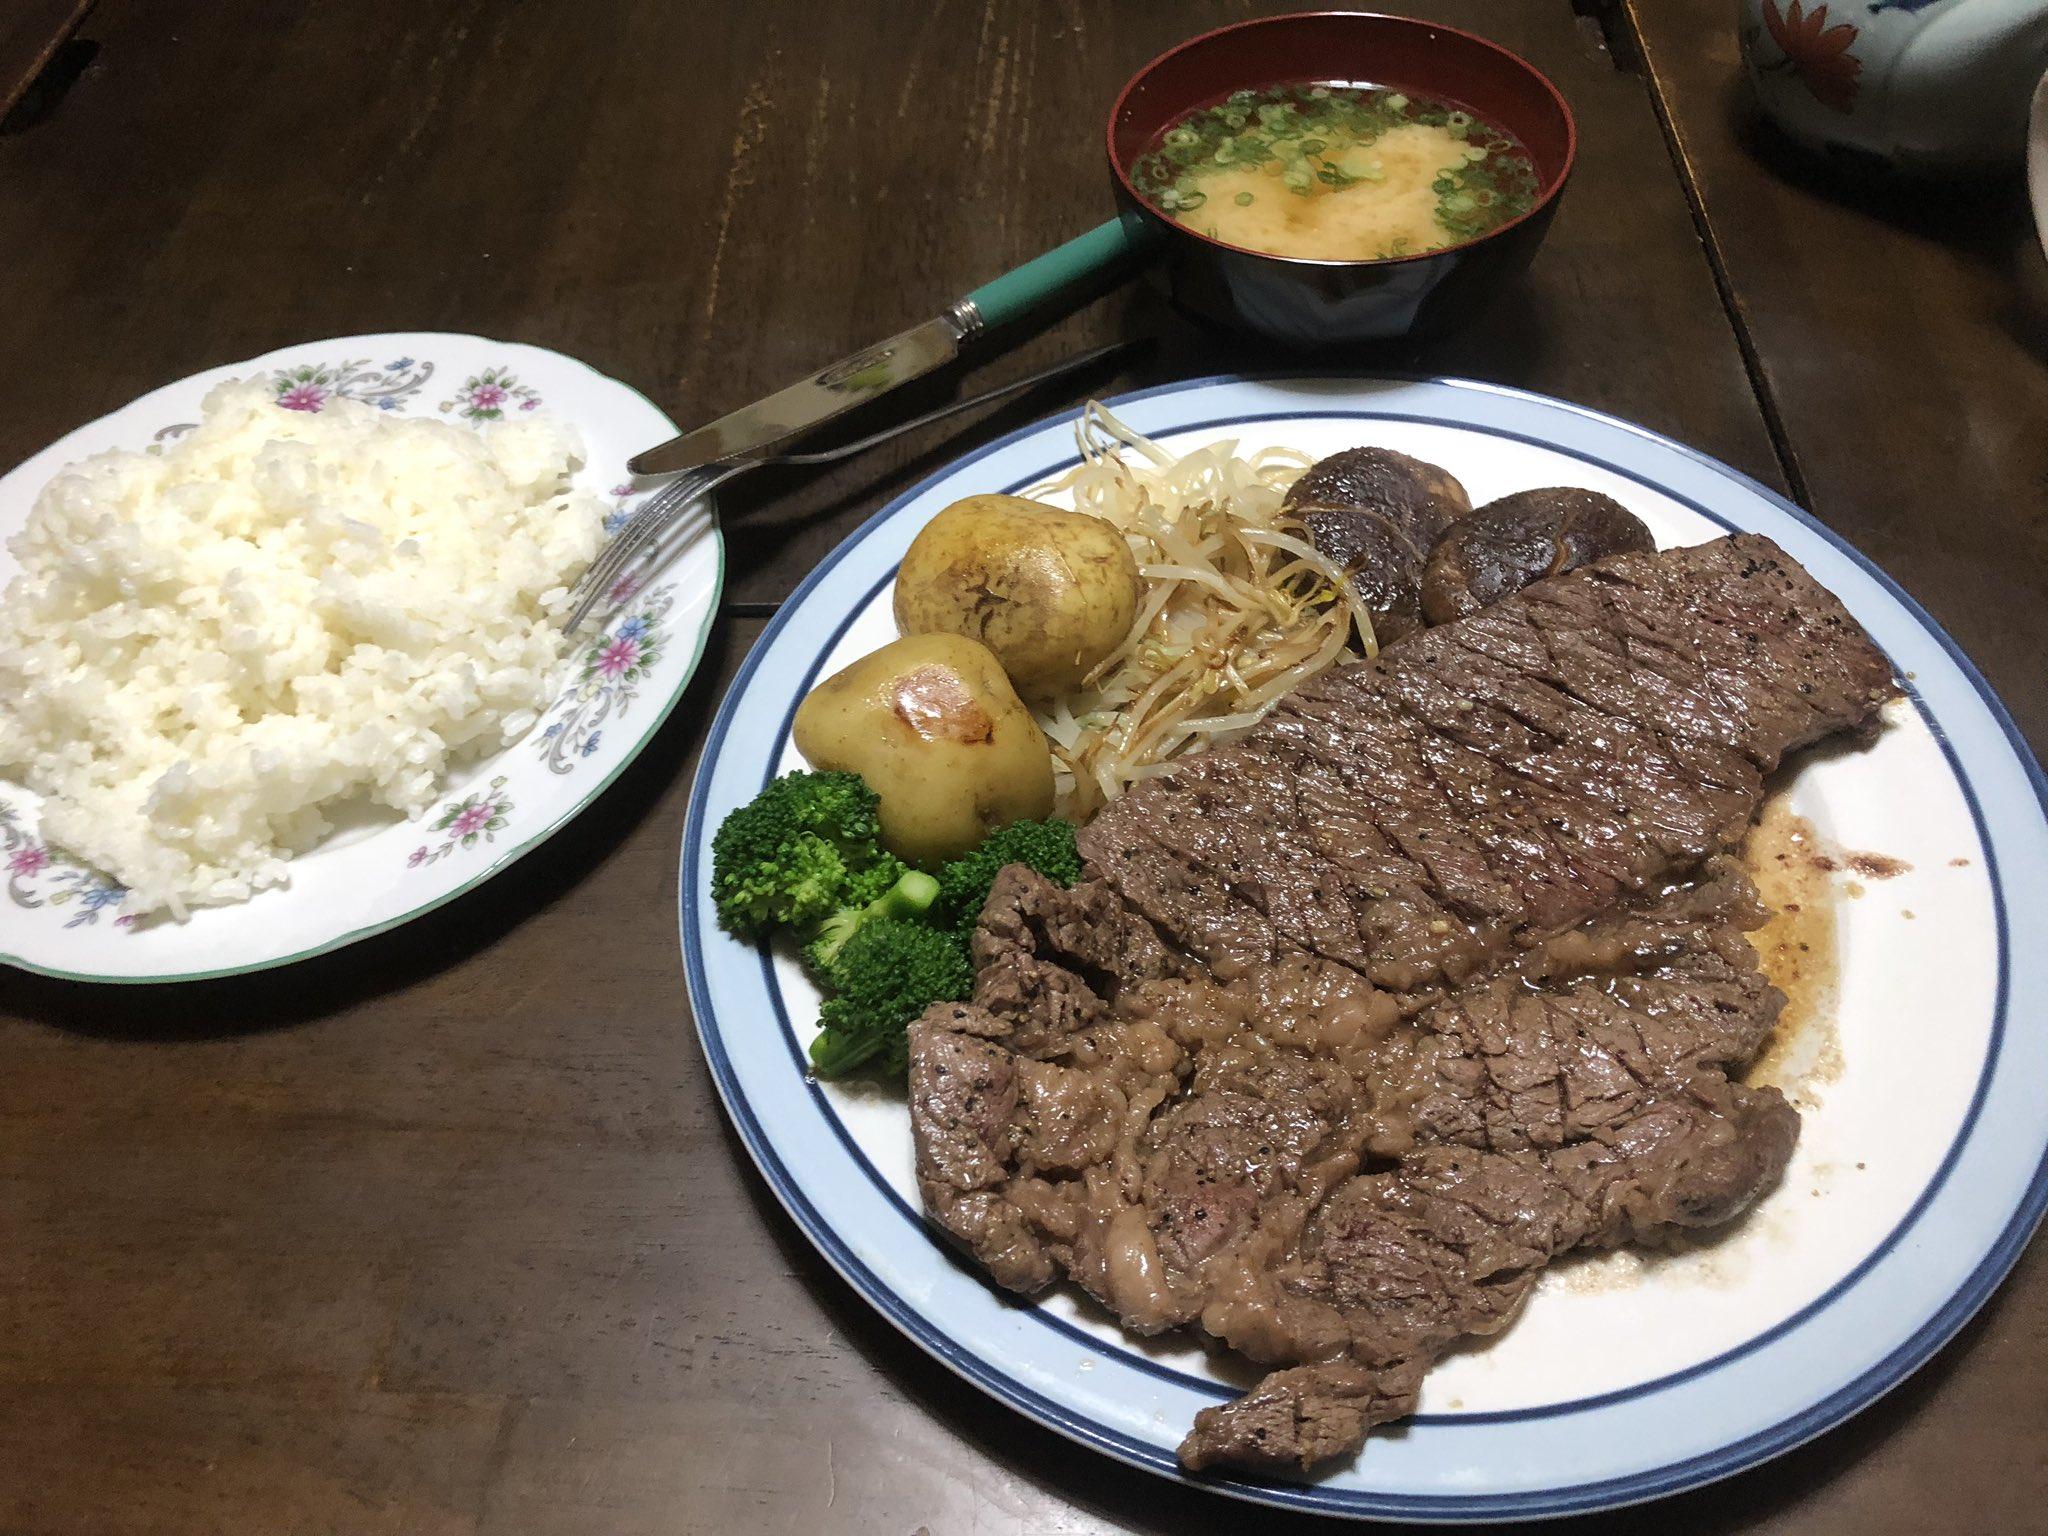 【画像】ガチニートの作ったステーキ定食wwwwwwwww